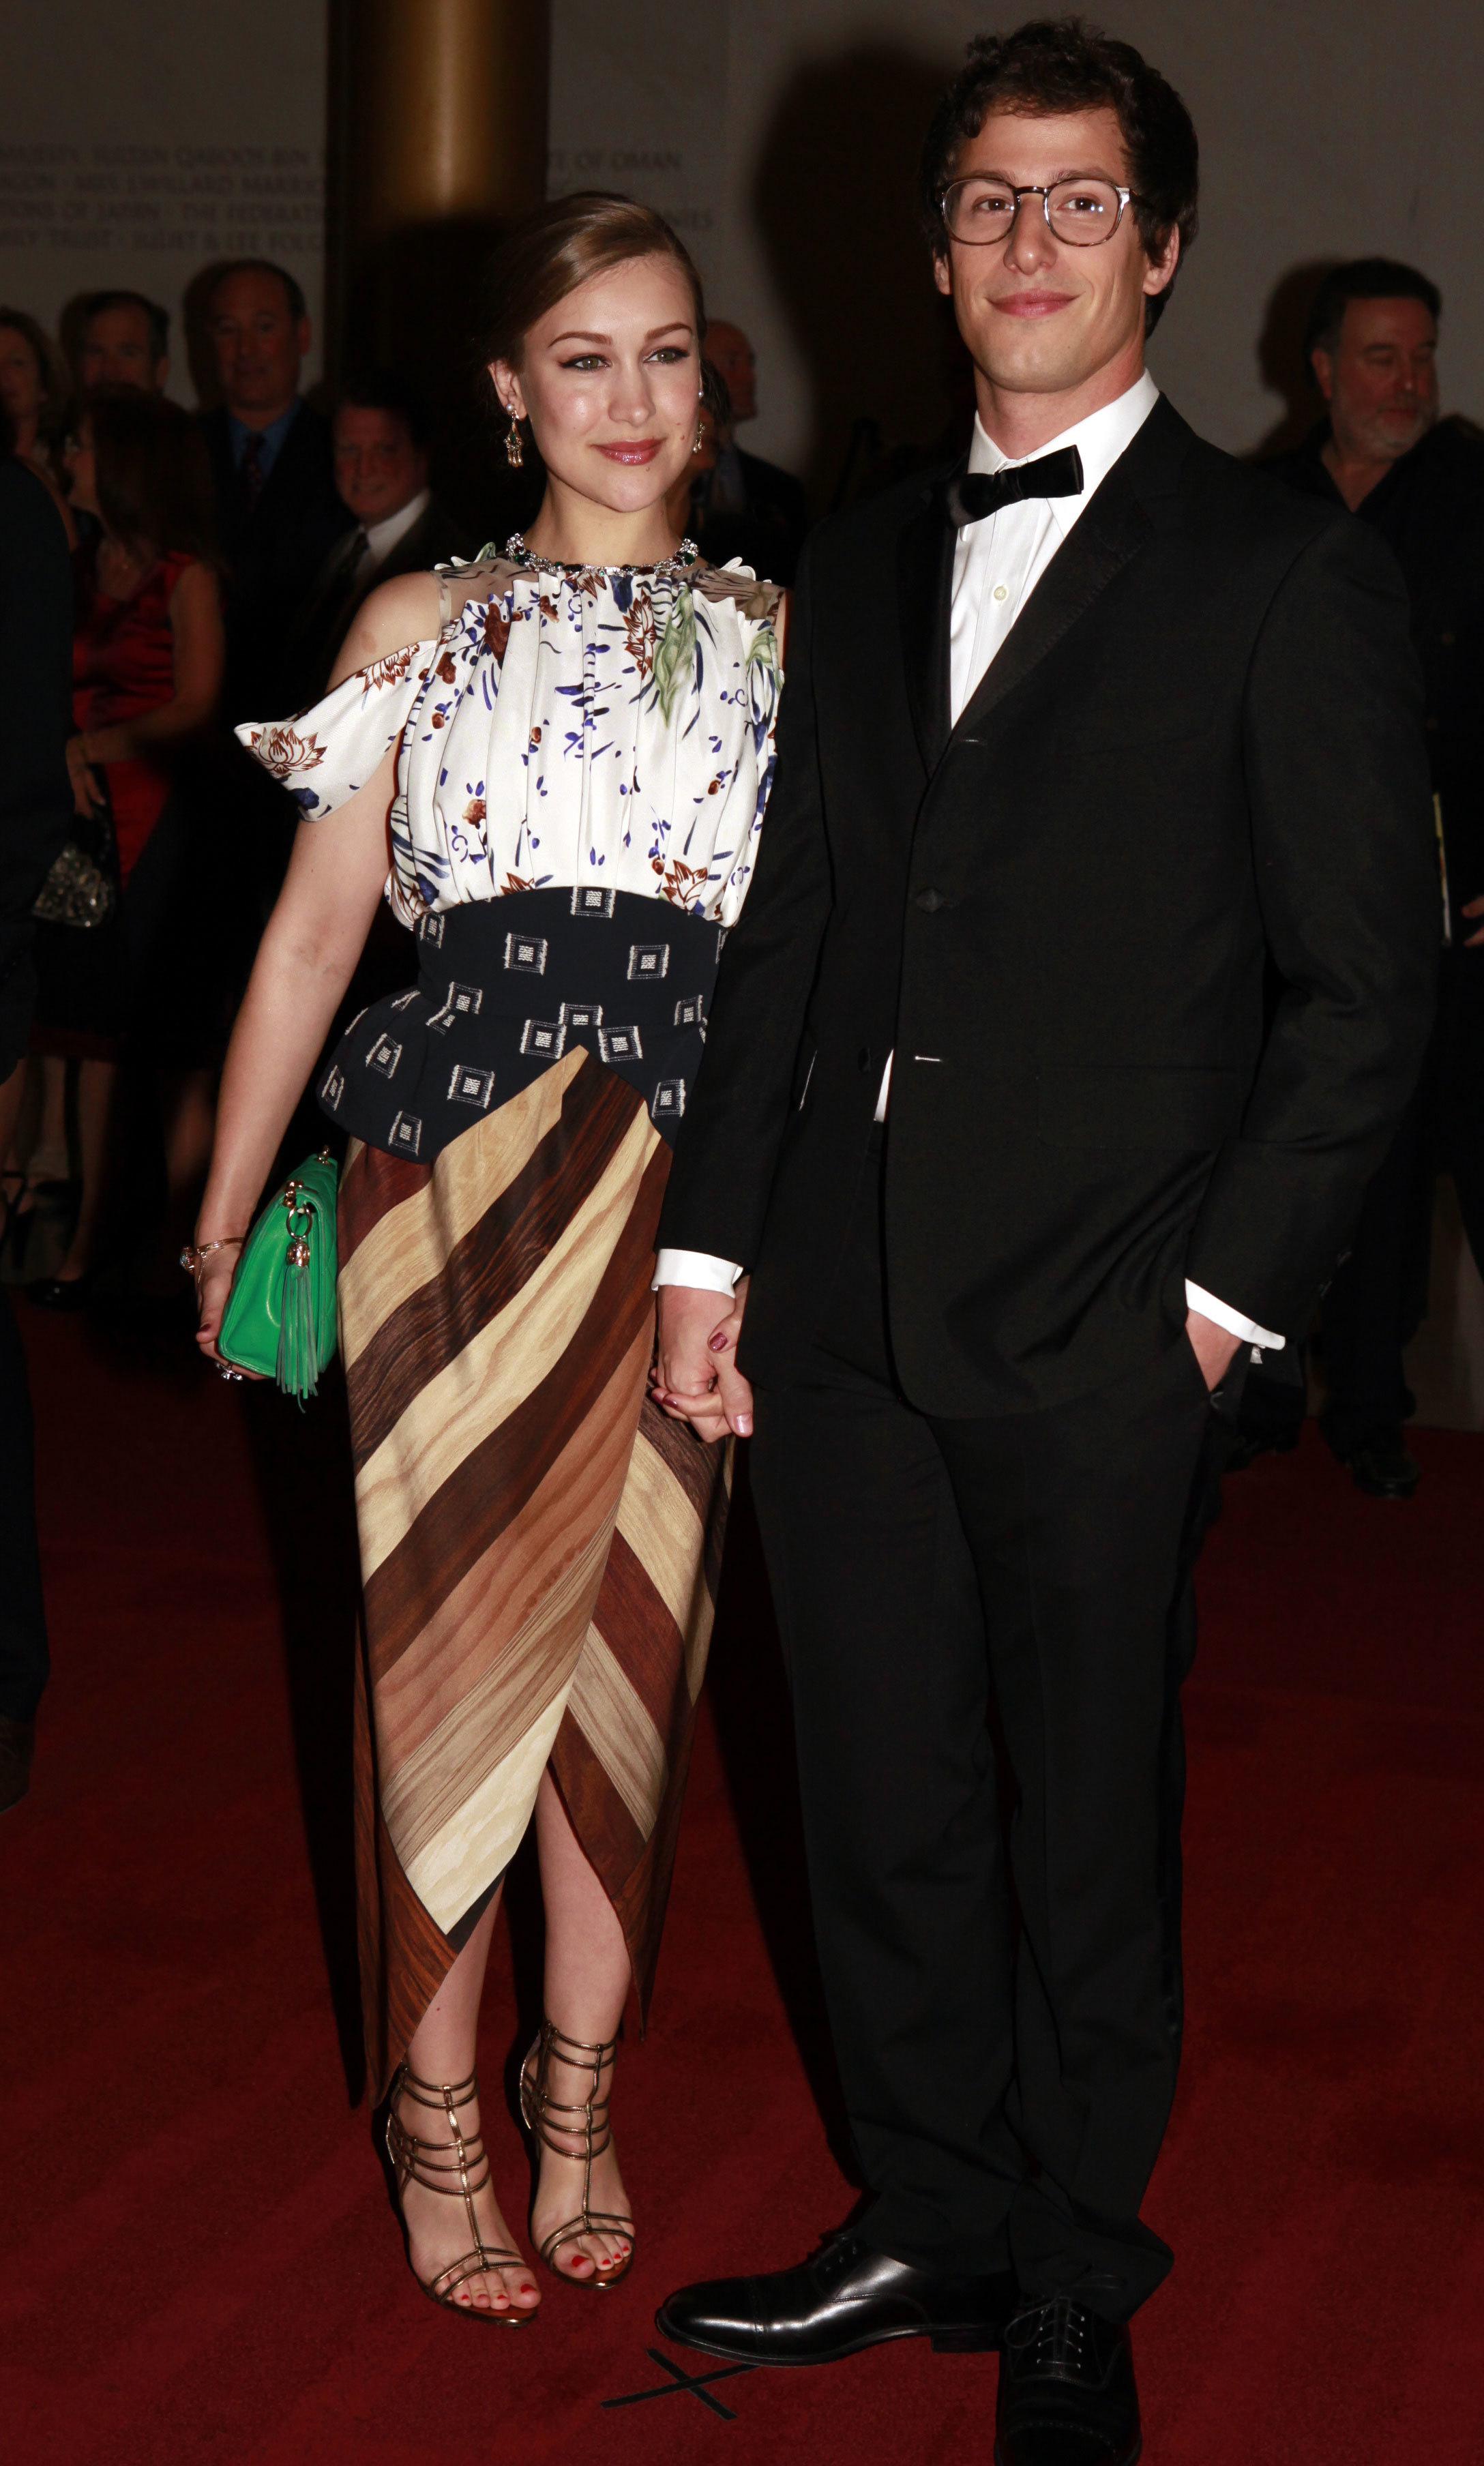 Joanna Newsoms Feet Wikifeet